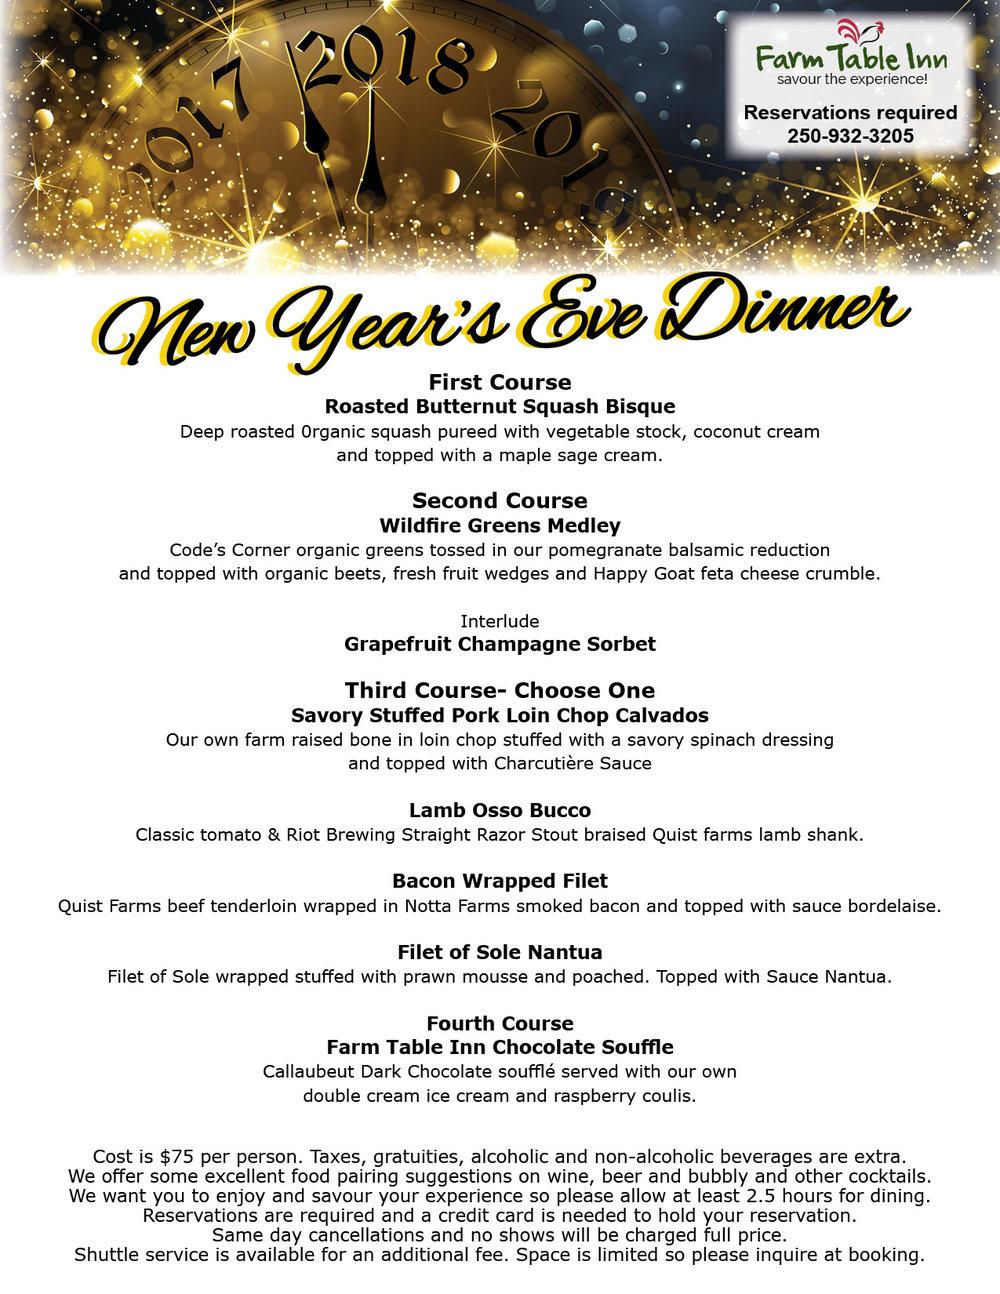 Farm Table Inn New Year's Dinner 2017.jpg